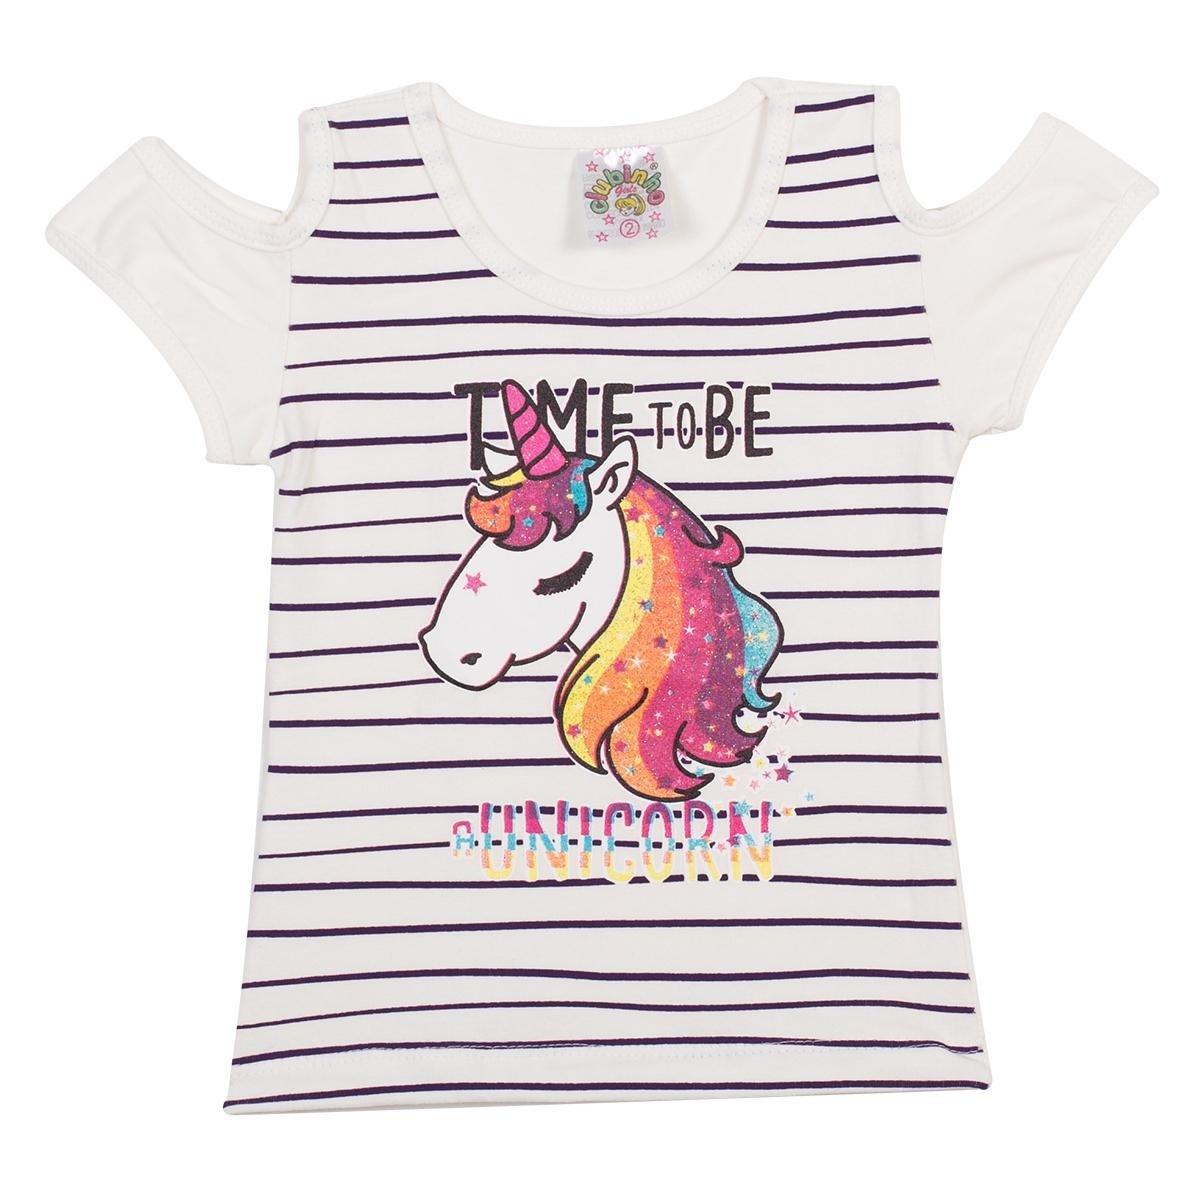 Blusa Infantil Unicórnio em Cotton Feminina - Compre Agora  614a5c849305f